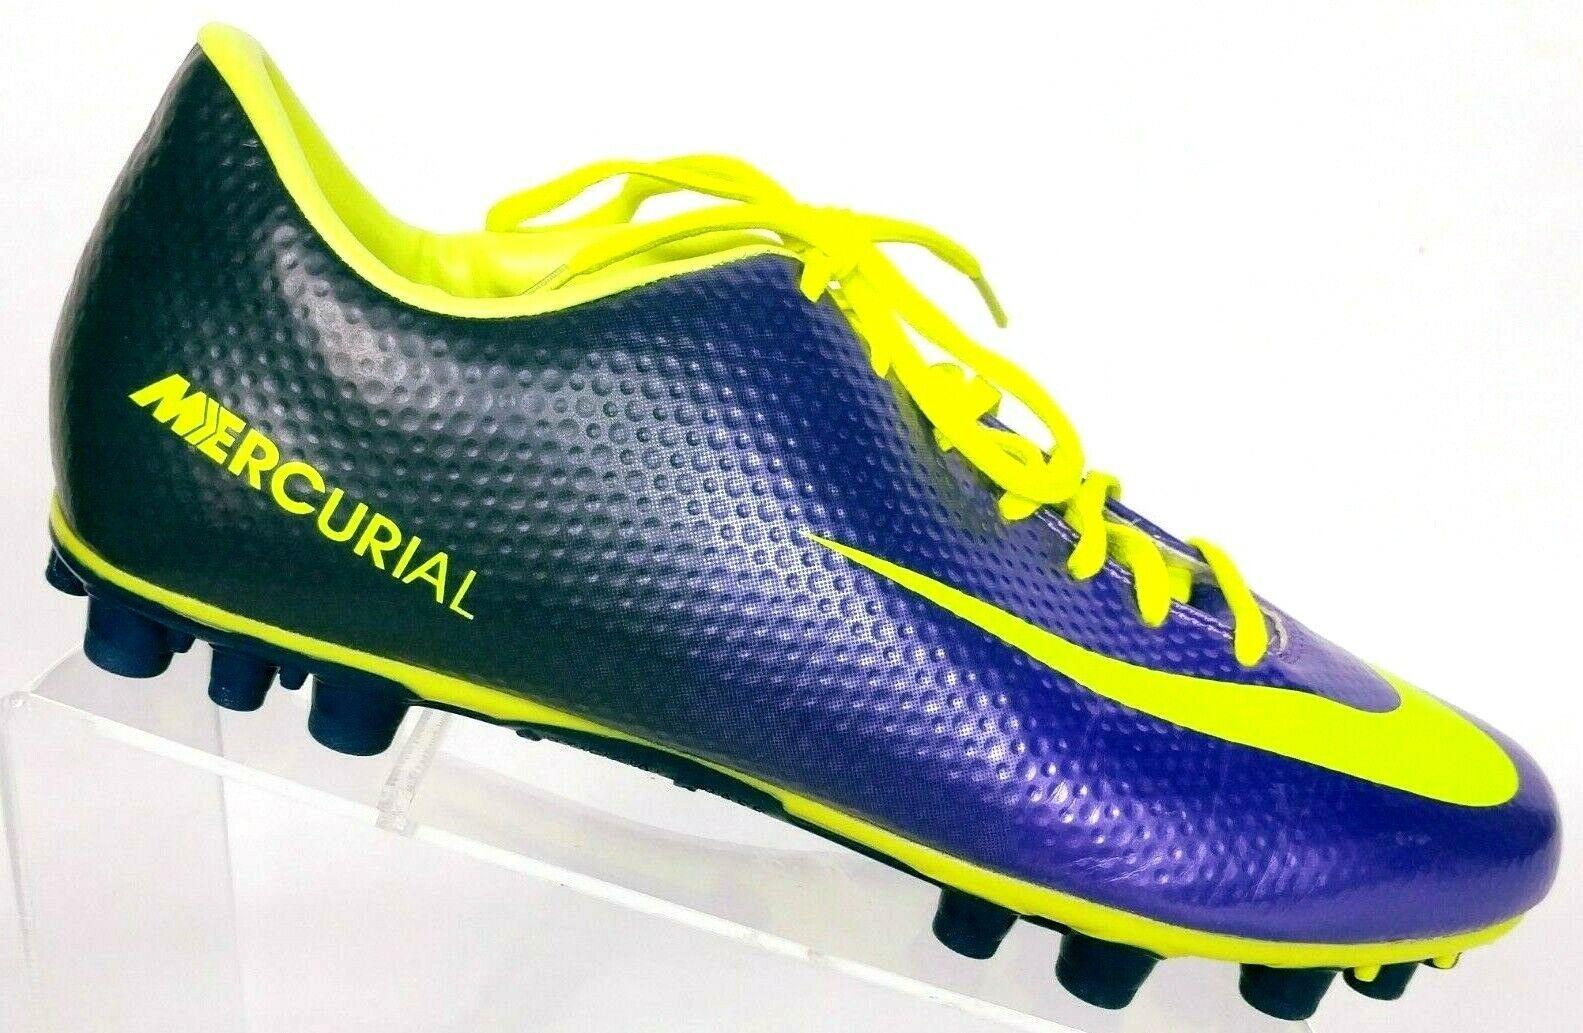 Hombre Nike Mercurial Vapor X Ag Zapato De Fútbol Amarillo Fluorescente púrpura brillante 10